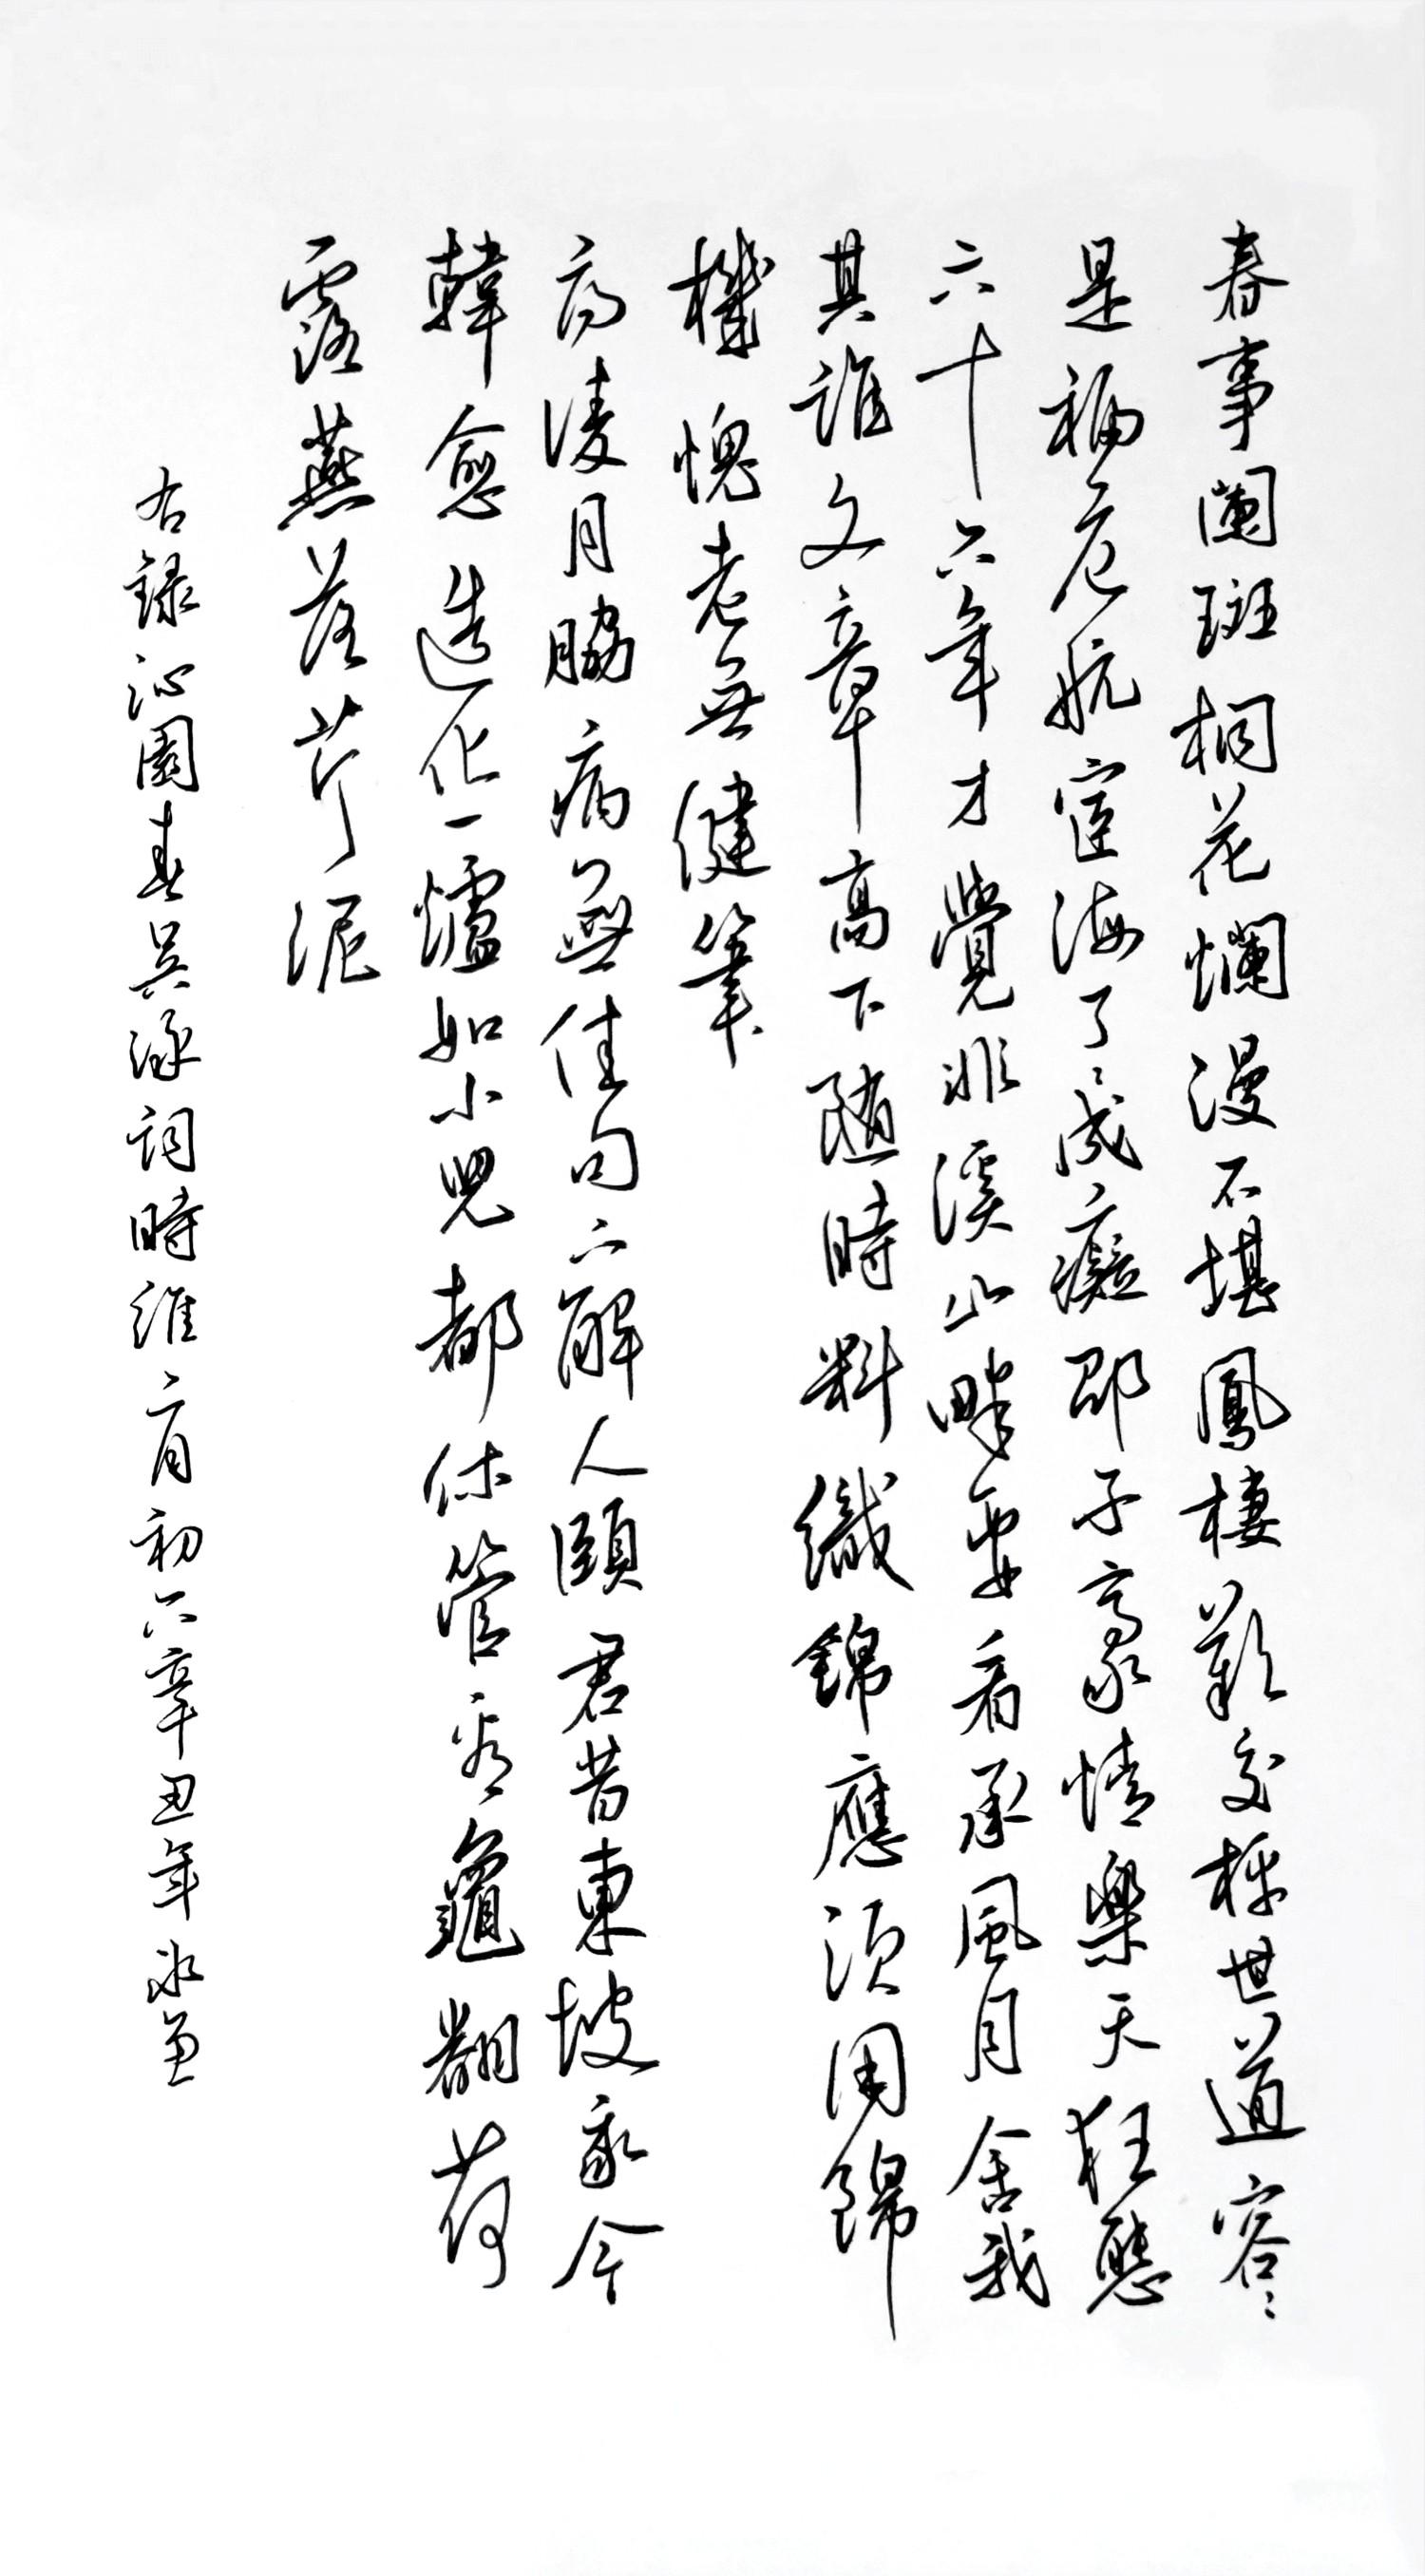 钢笔爱好者练字打卡20210323-14